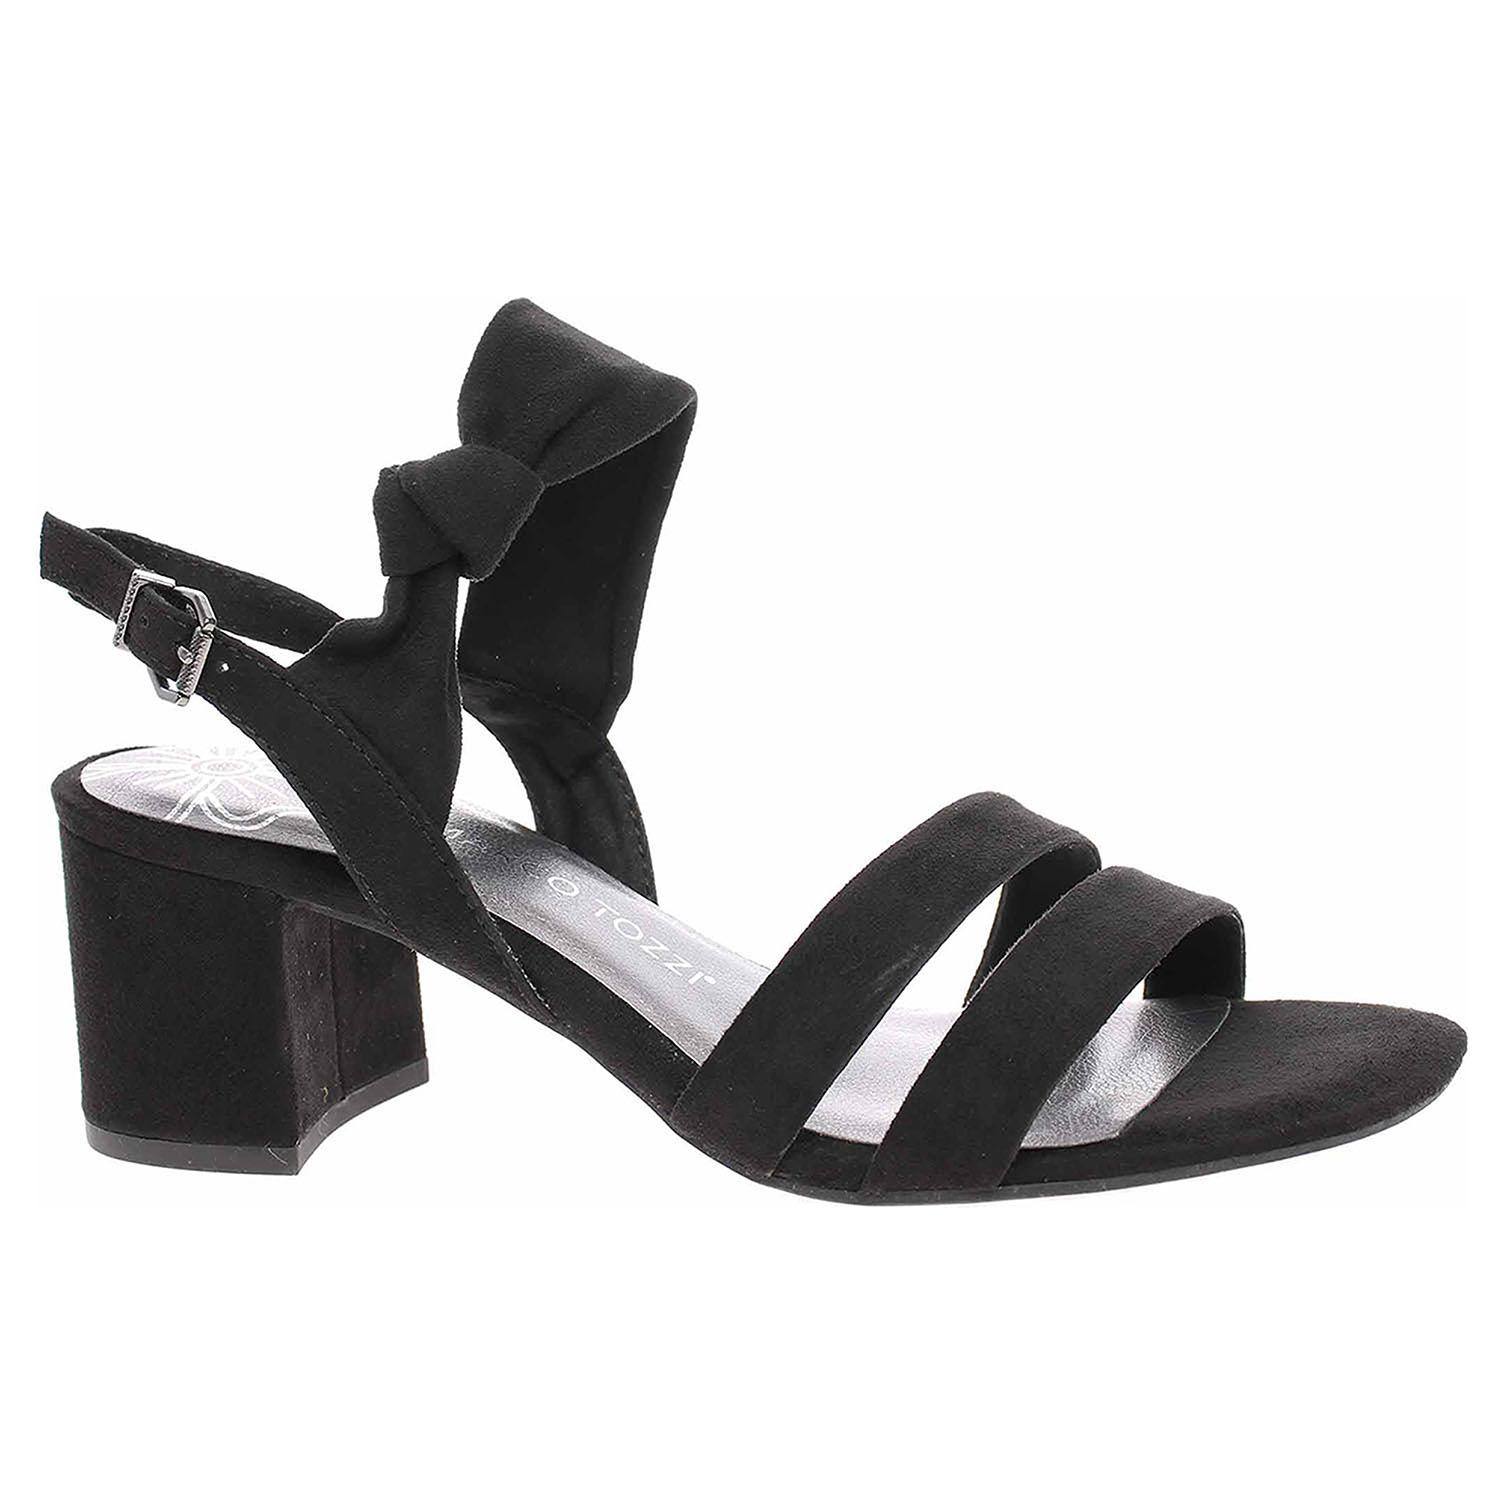 Dámská společenská obuv Marco Tozzi 2-28300-24 black 2-2-28300-24 001 39